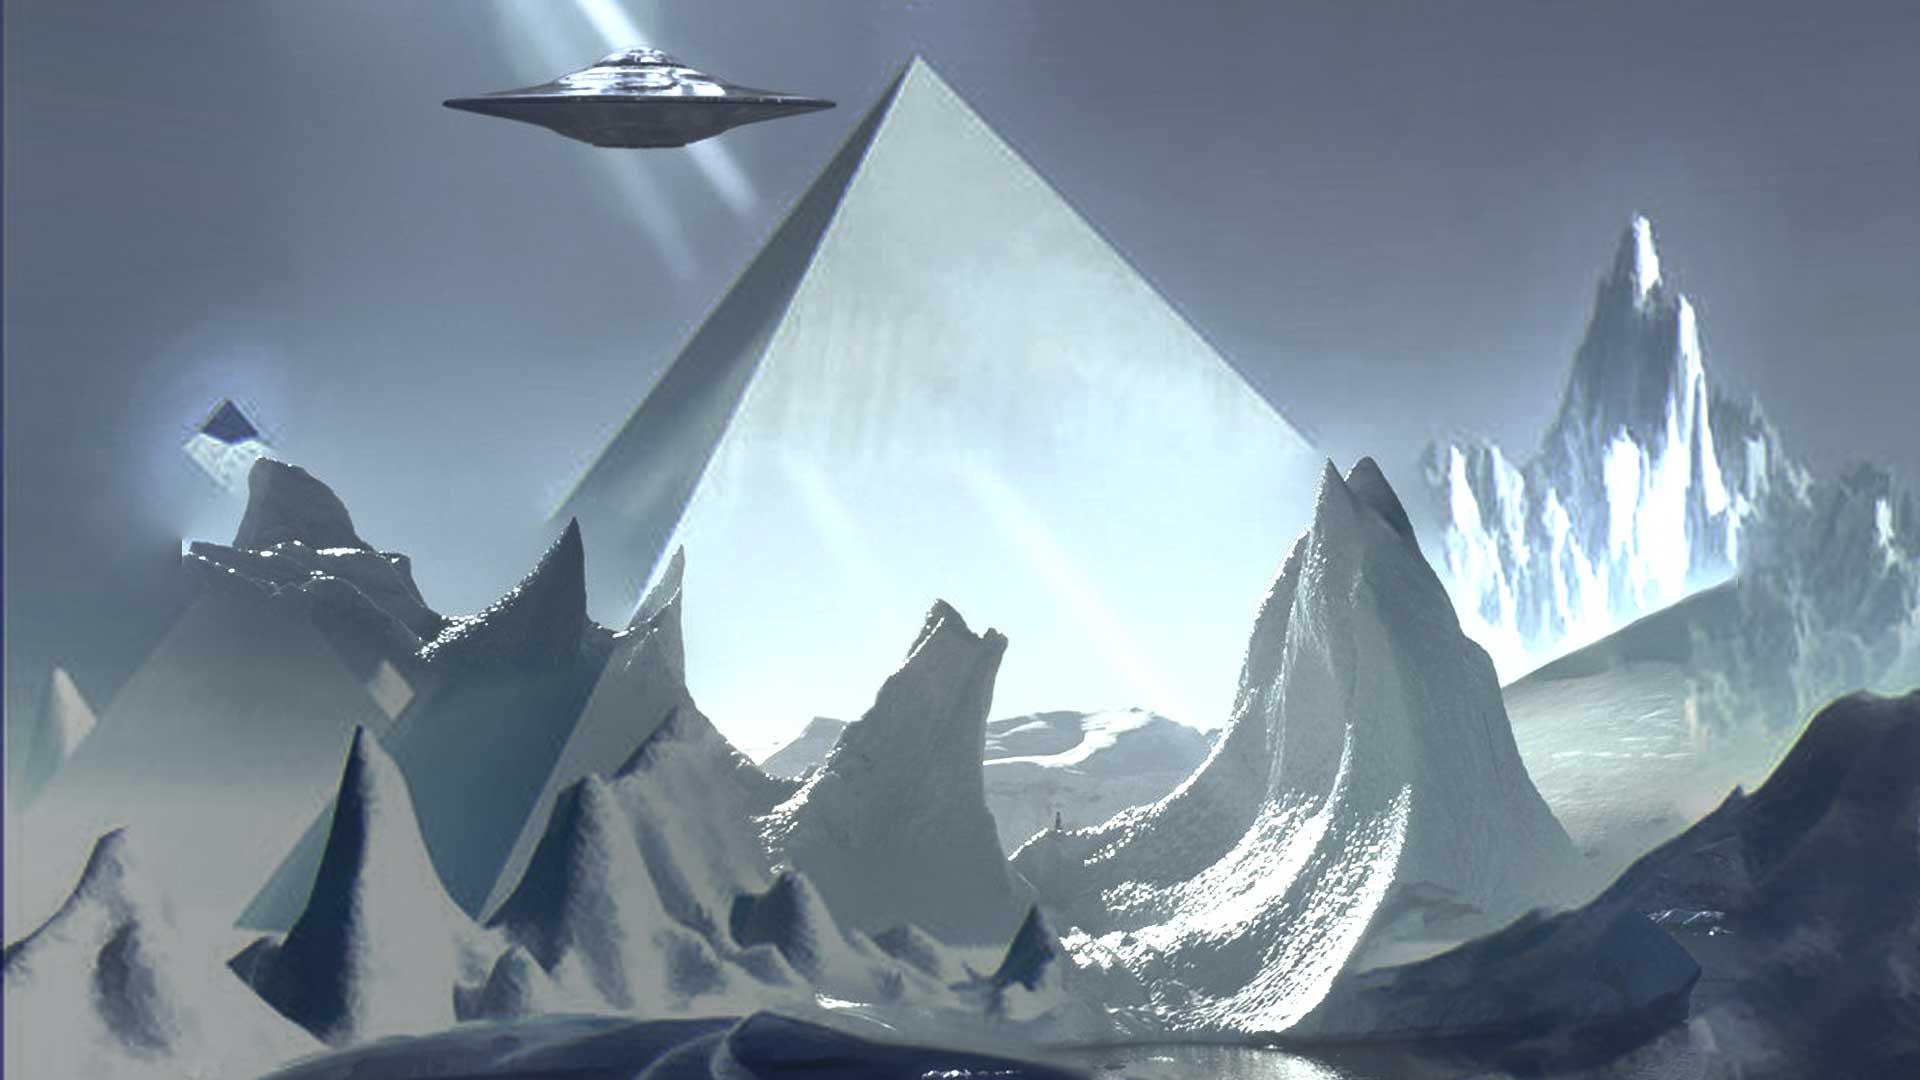 La Antártida: ¿Qué ocultan?¿Qué datos tenemos actualmente?